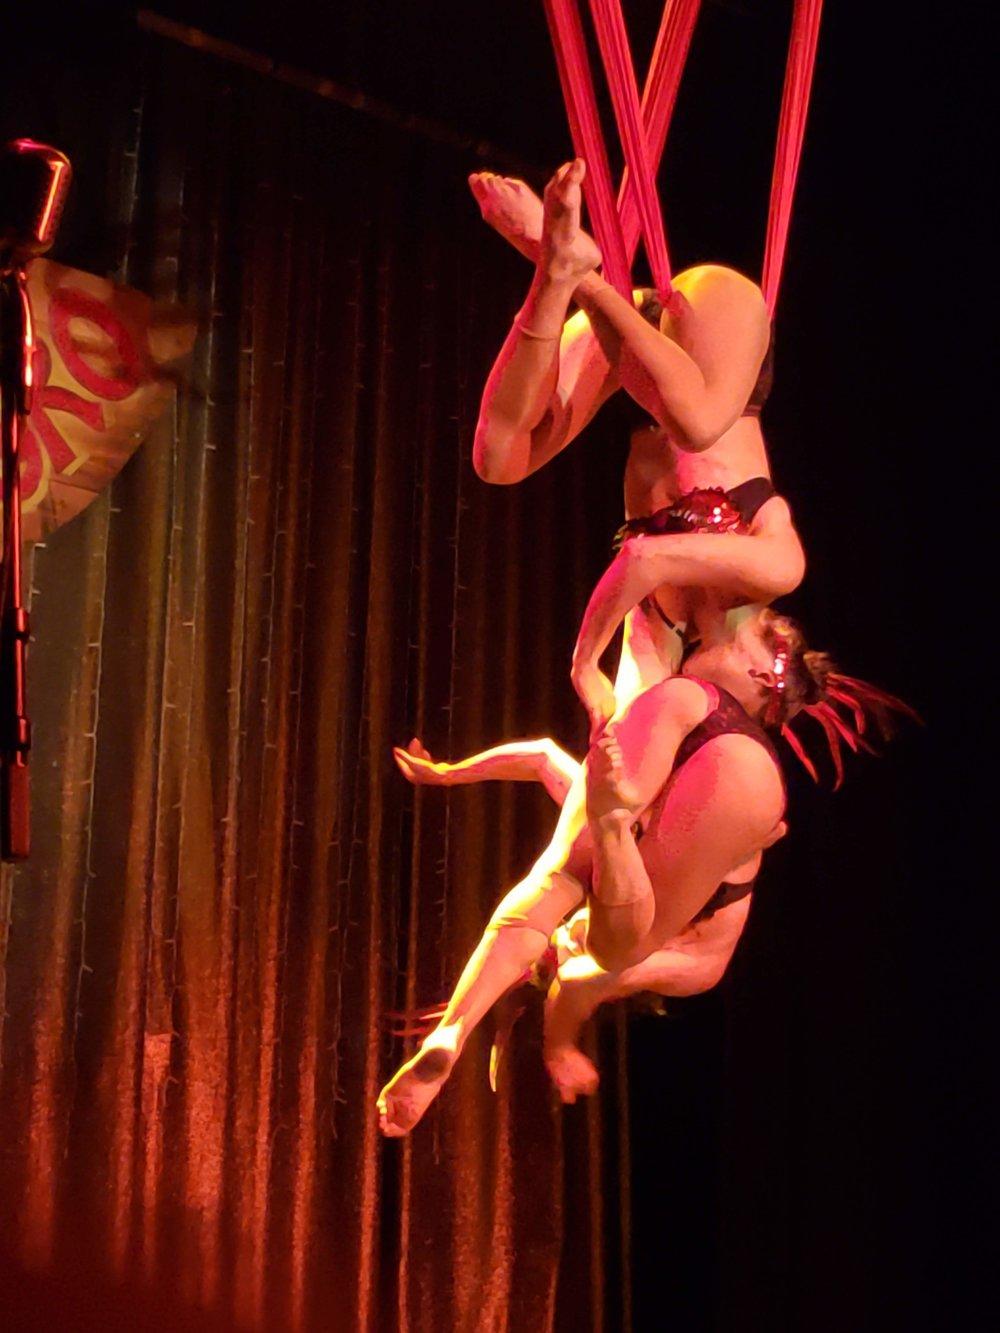 Aerial performers